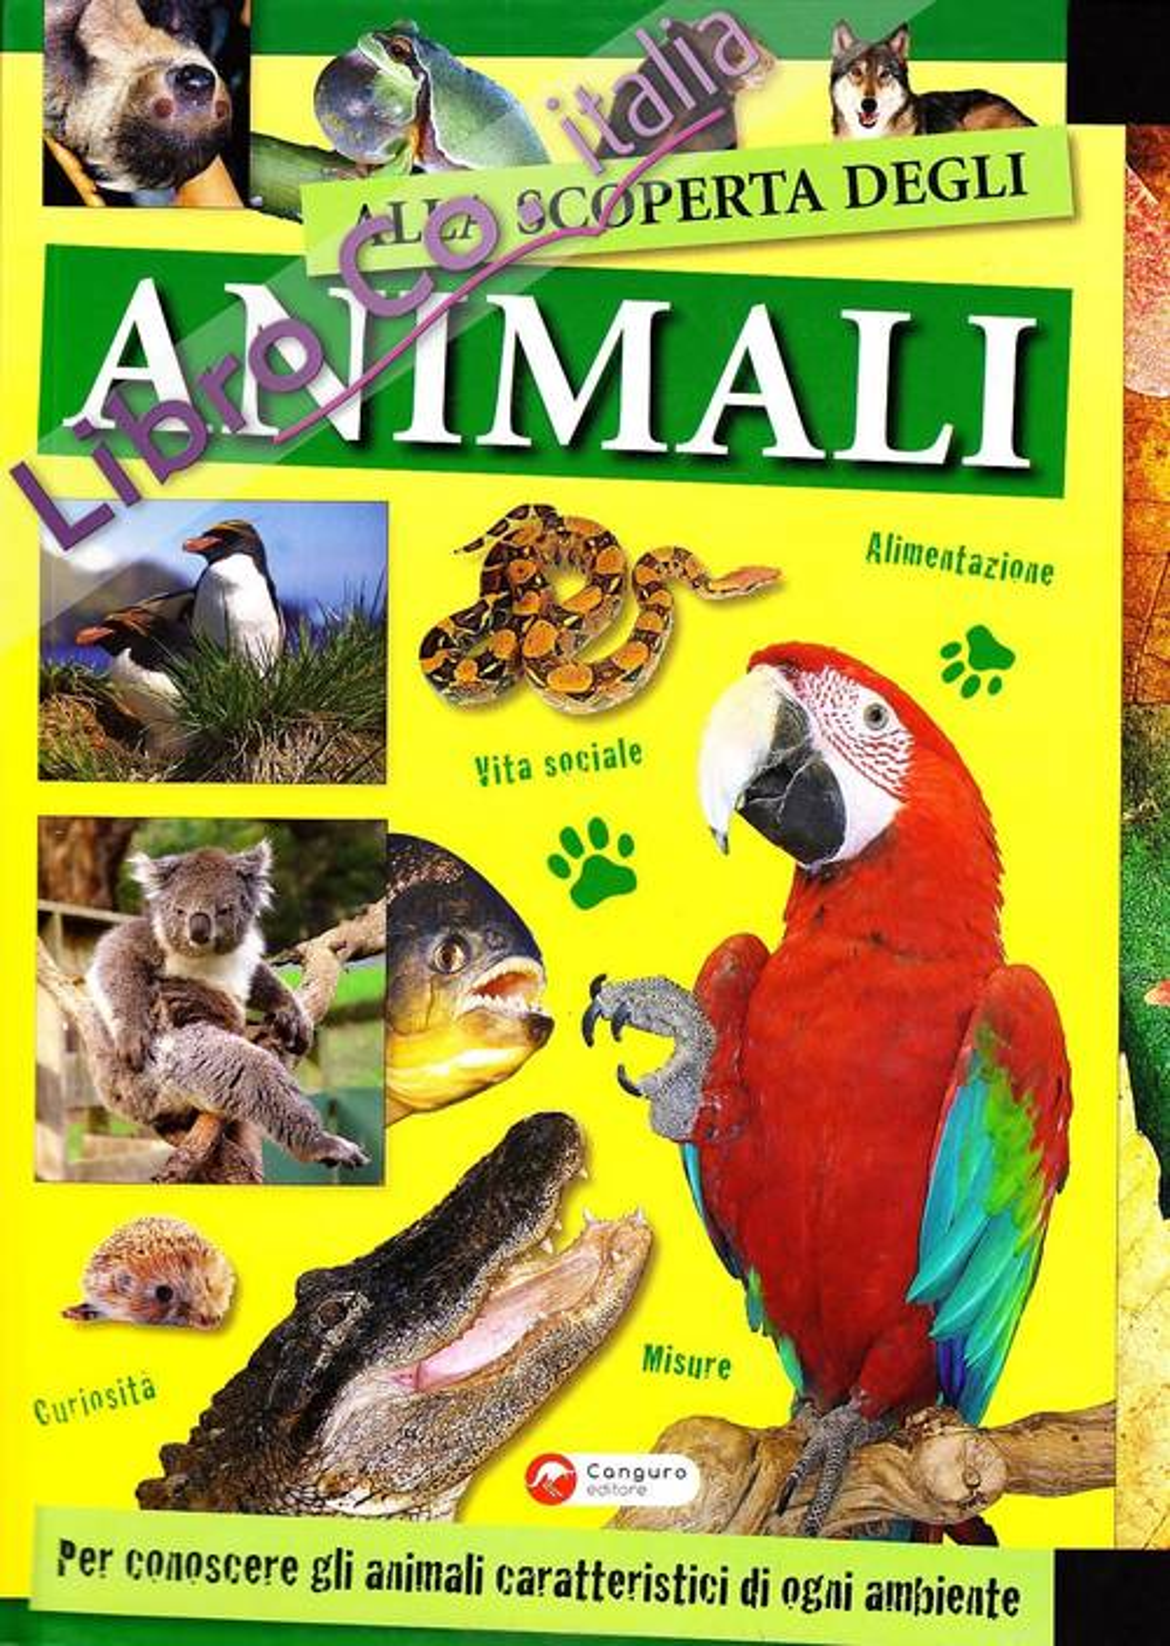 Alla scoperta degli animali